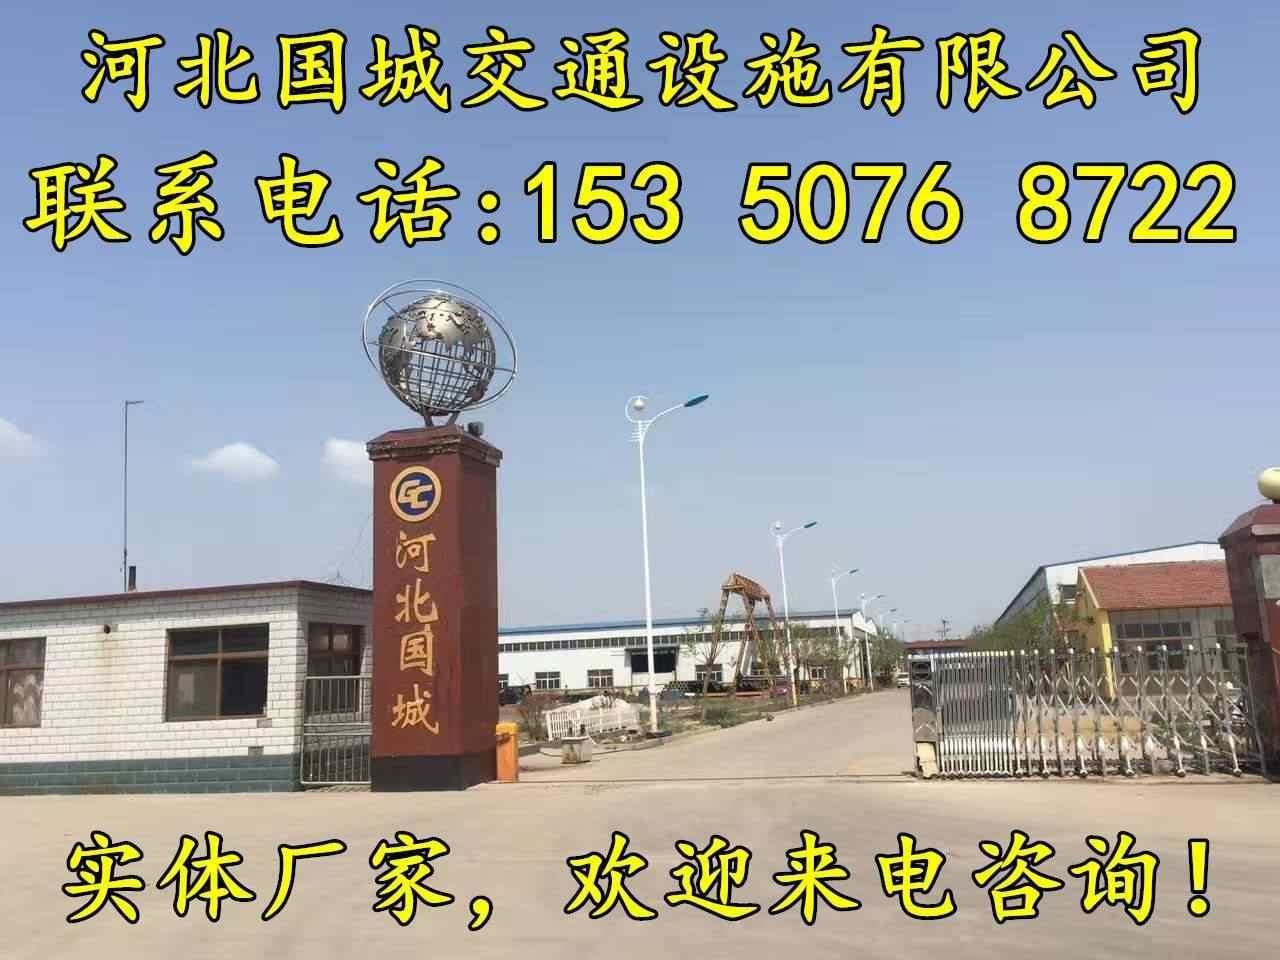 河北國城交通設施有限公司